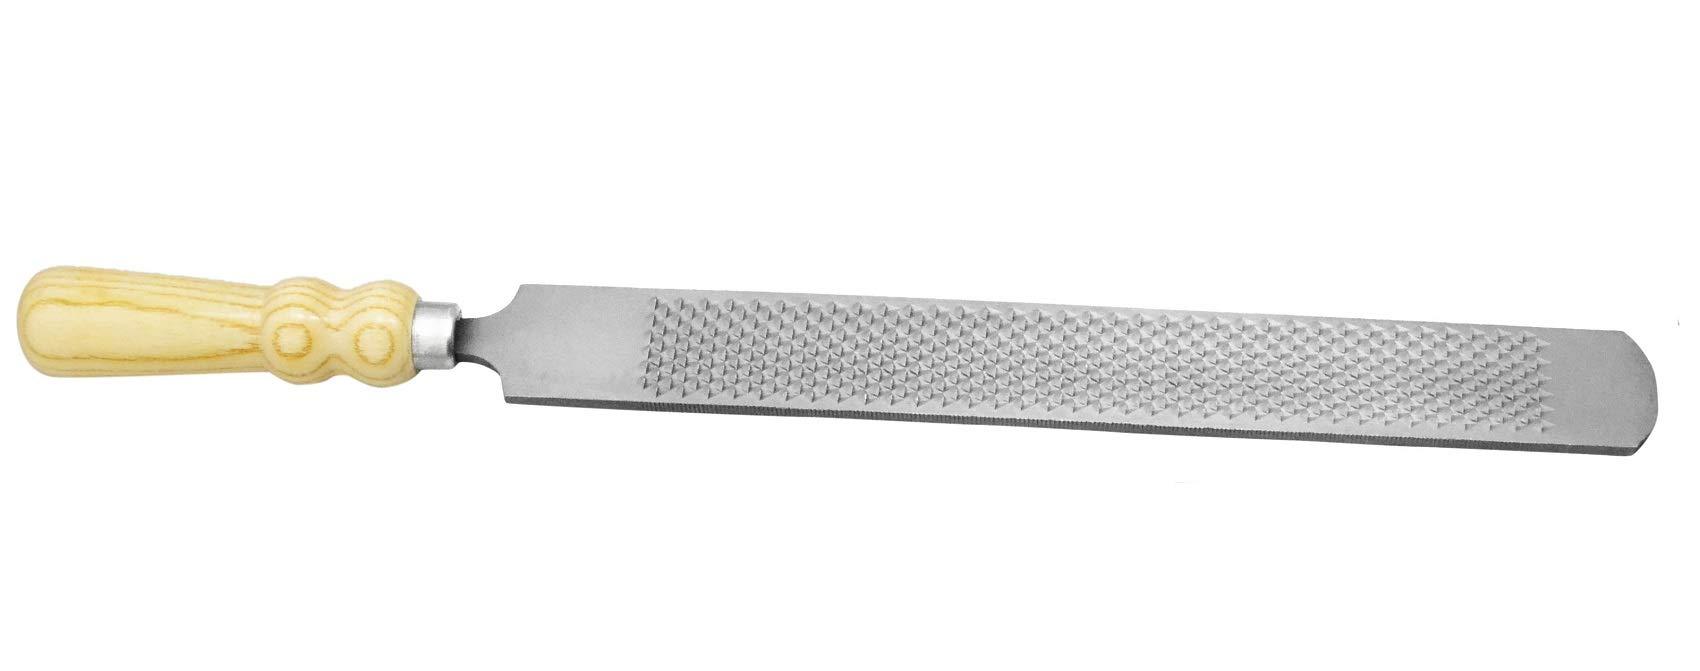 SiS EQUINOX Farrier Tool Kit Hoof Rasp, Hoof Nipper & Knife in a Storage Wallet by SiS EQUINOX (Image #10)